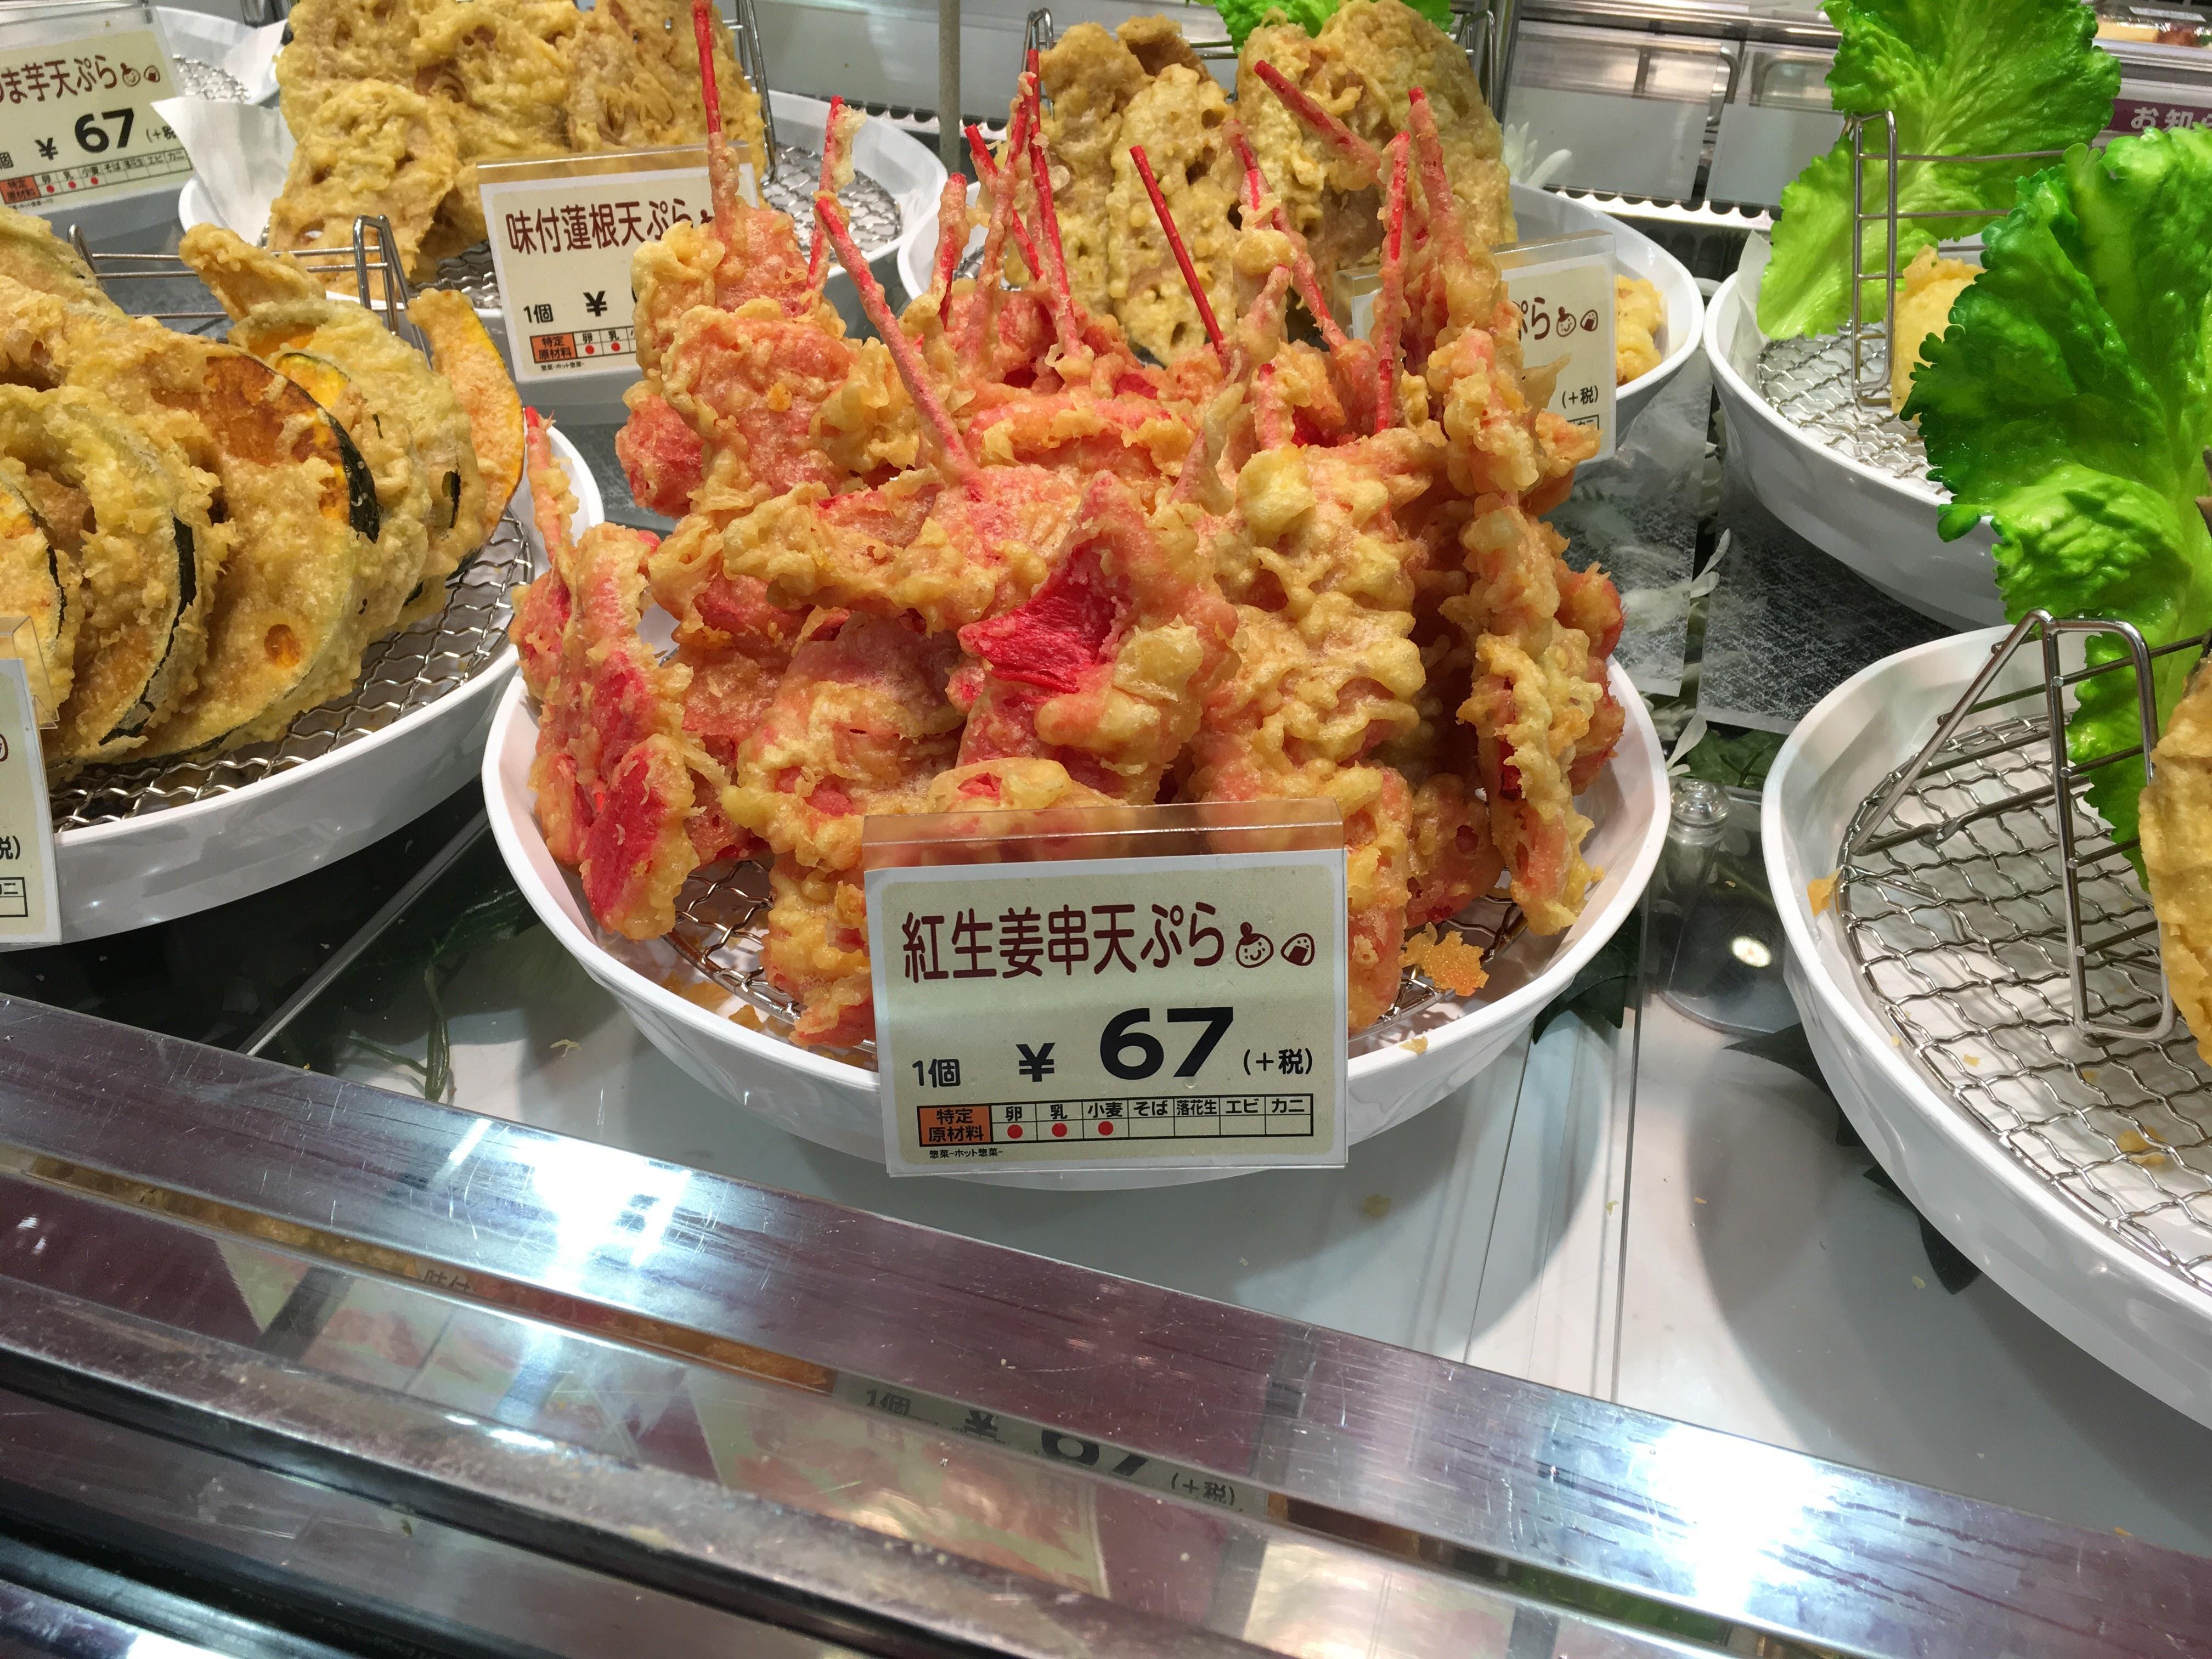 スーパーのお惣菜コーナーにある紅しょうがの天ぷら